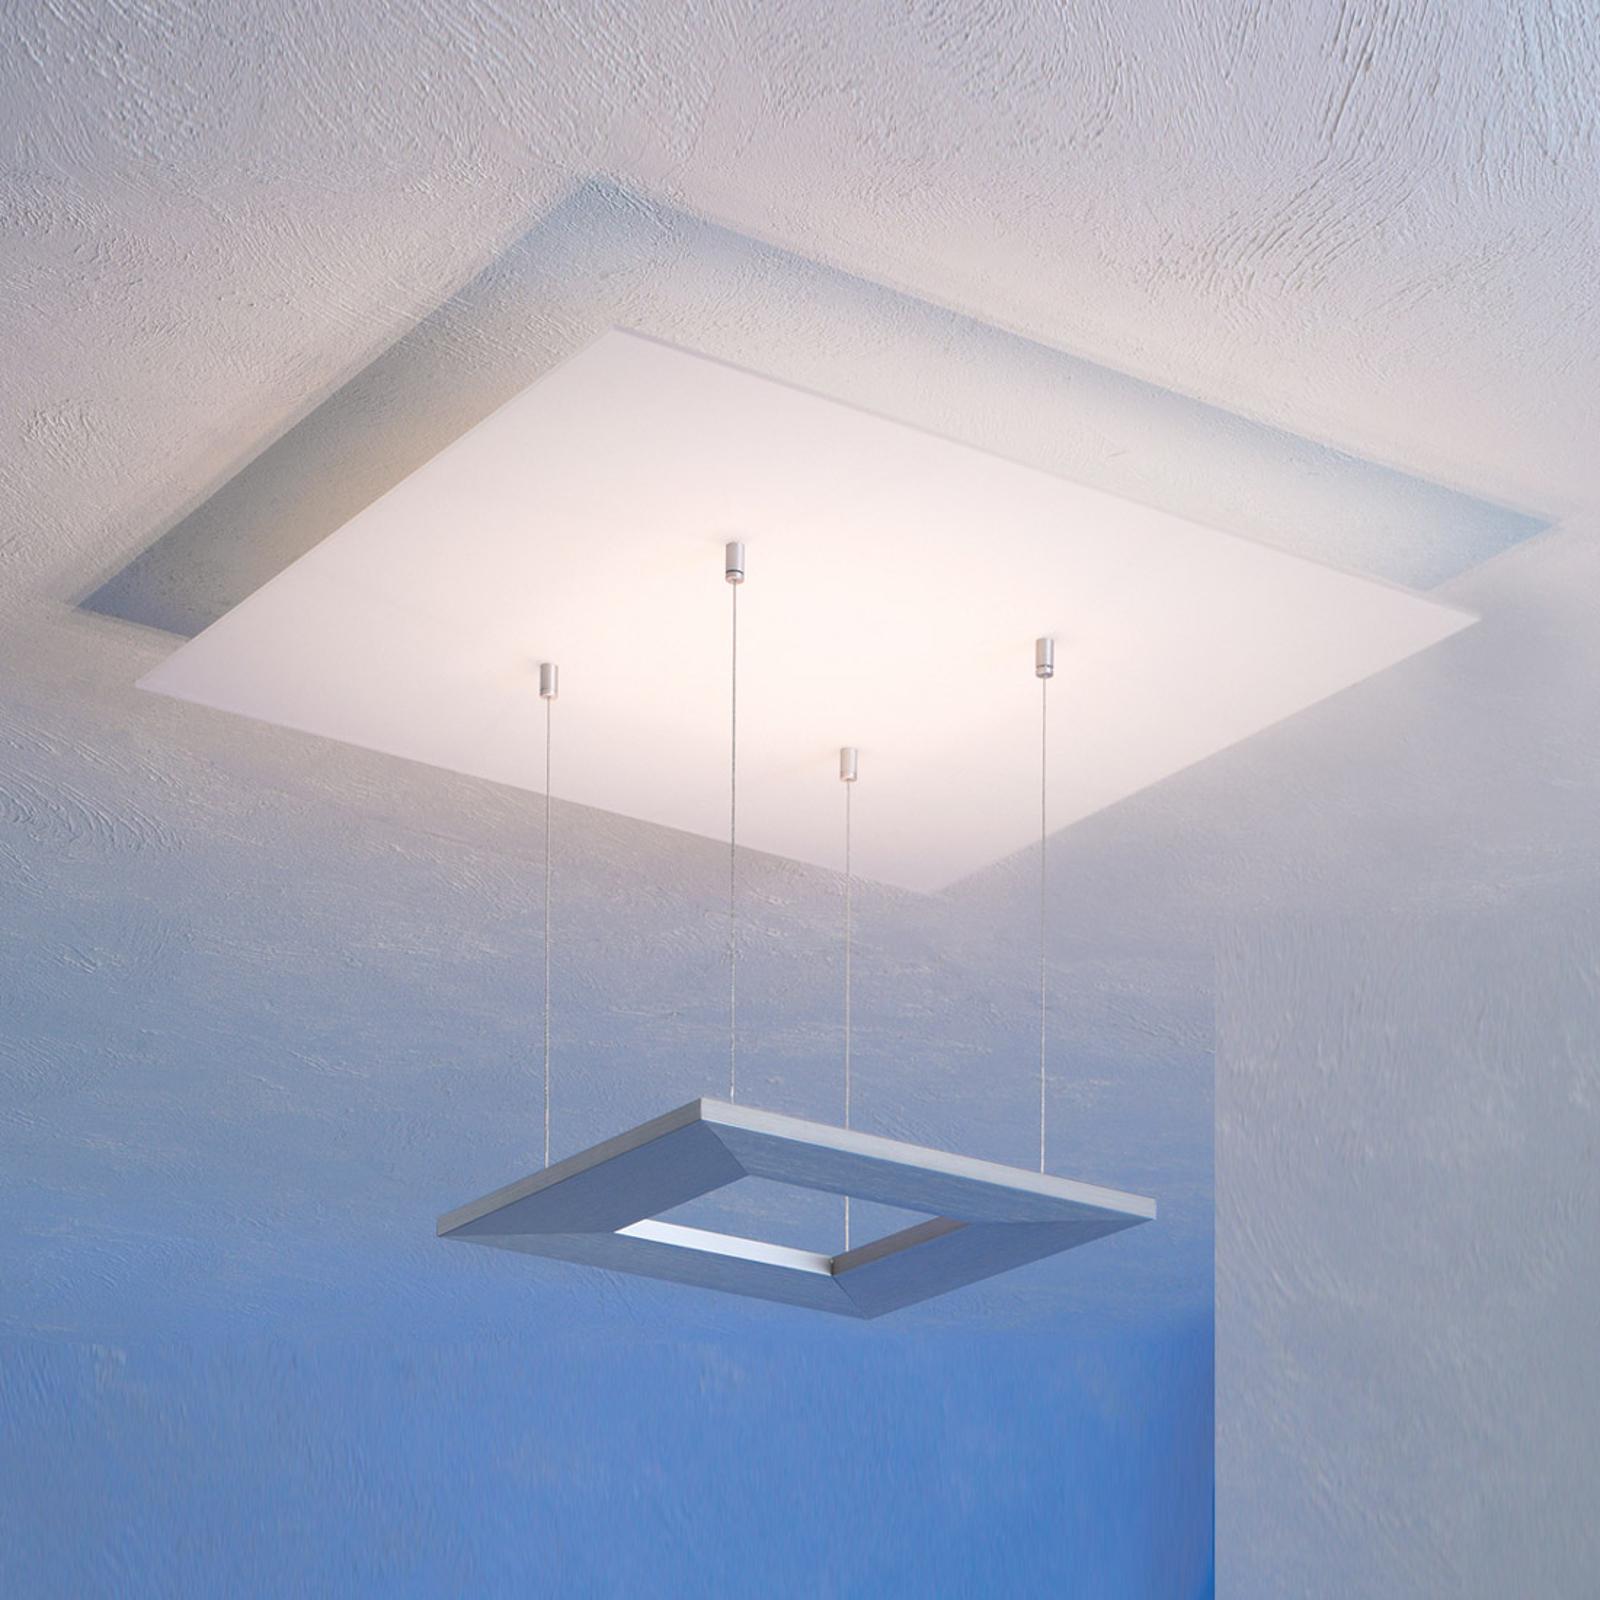 Plafonnier LED Zen Escale, 60cm, alu